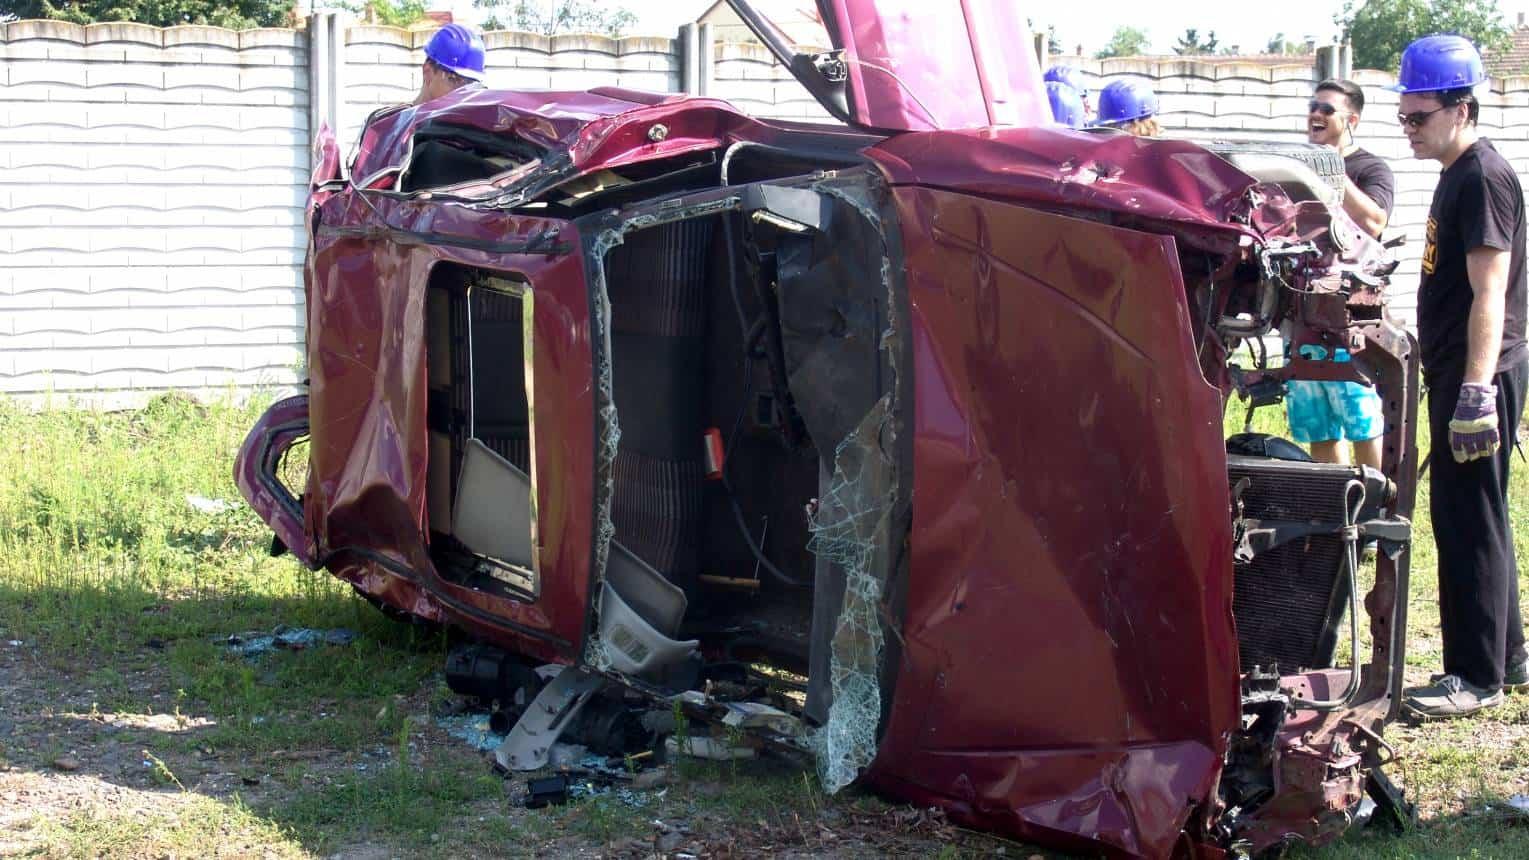 Autózúzás baseball ütővel és nagykalapáccsal 4 fő részére